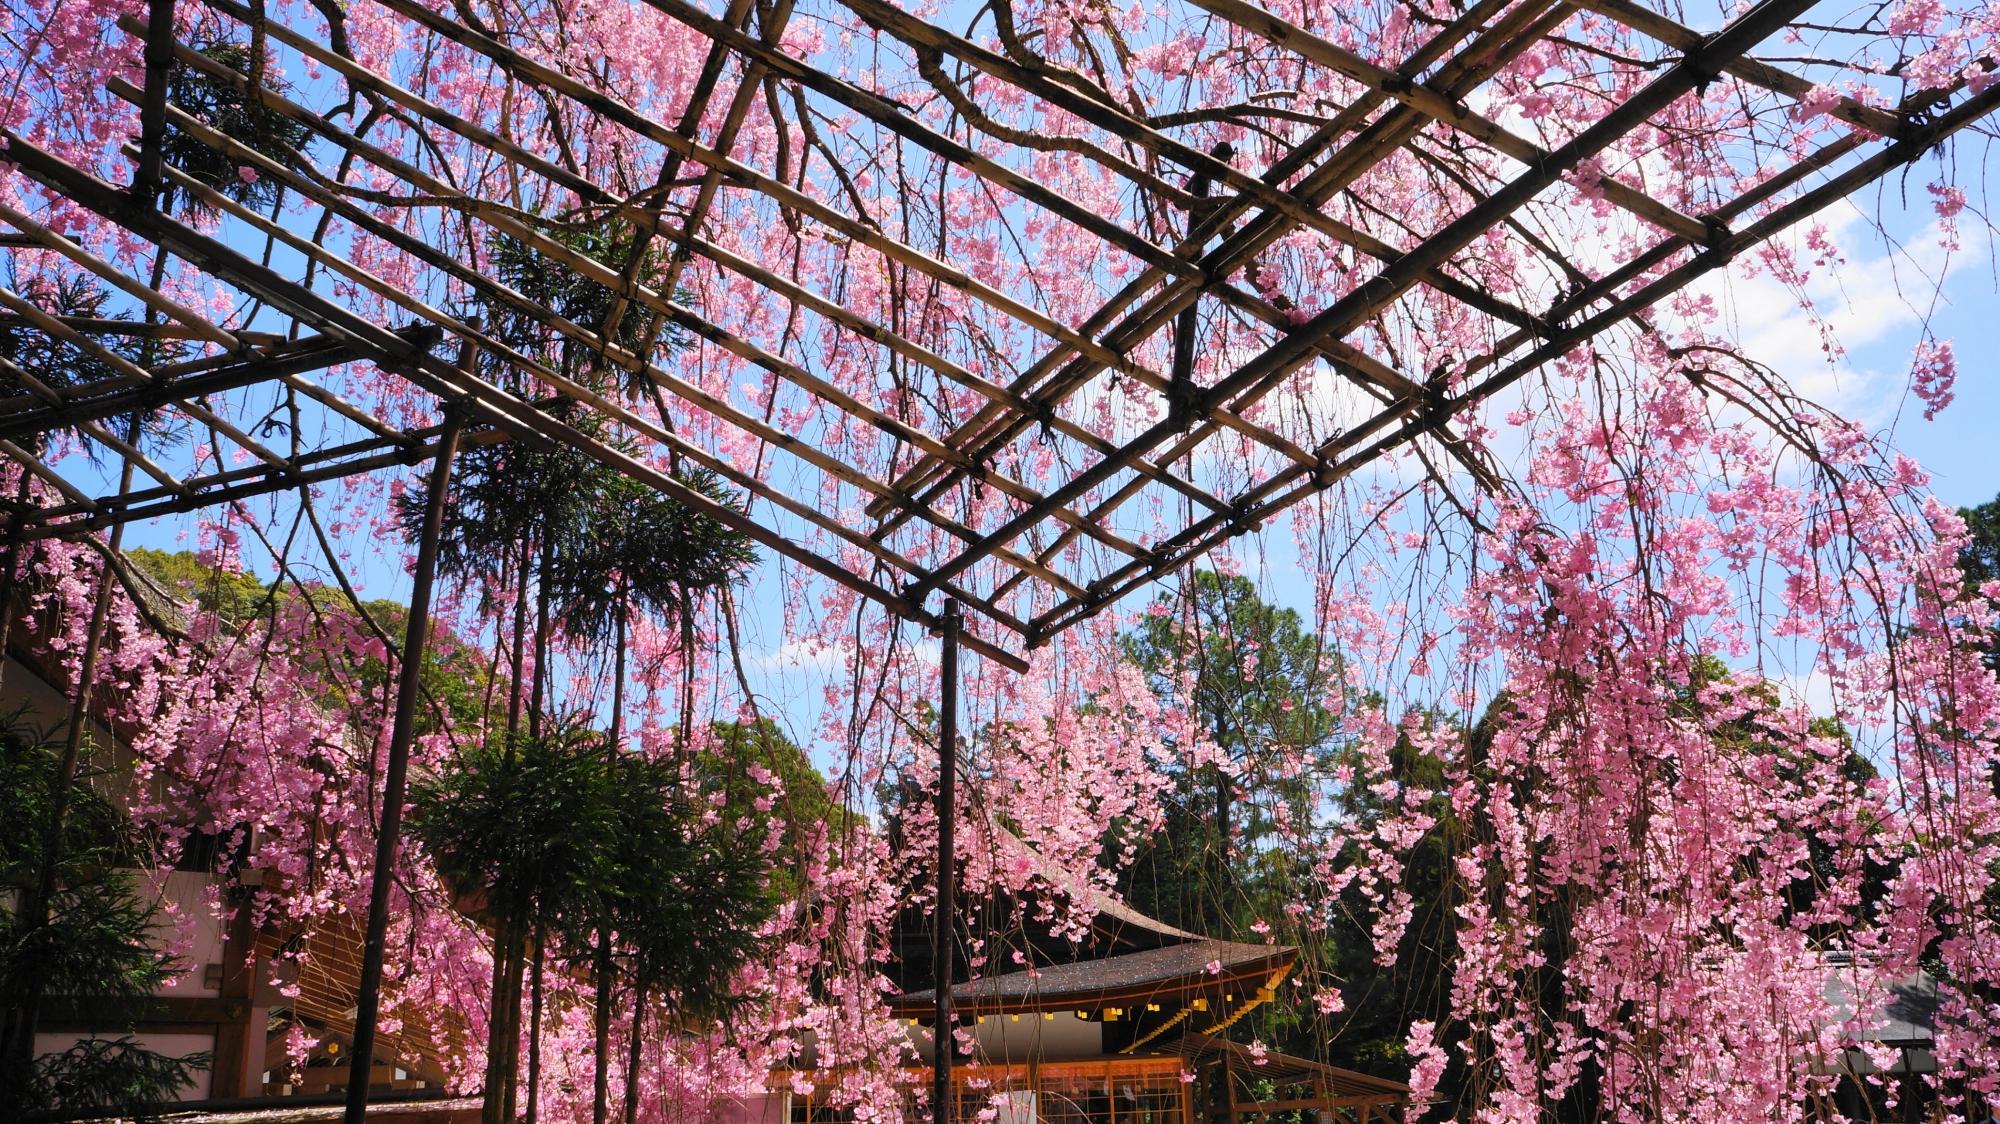 空から降り注ぐピンクのみあれ桜